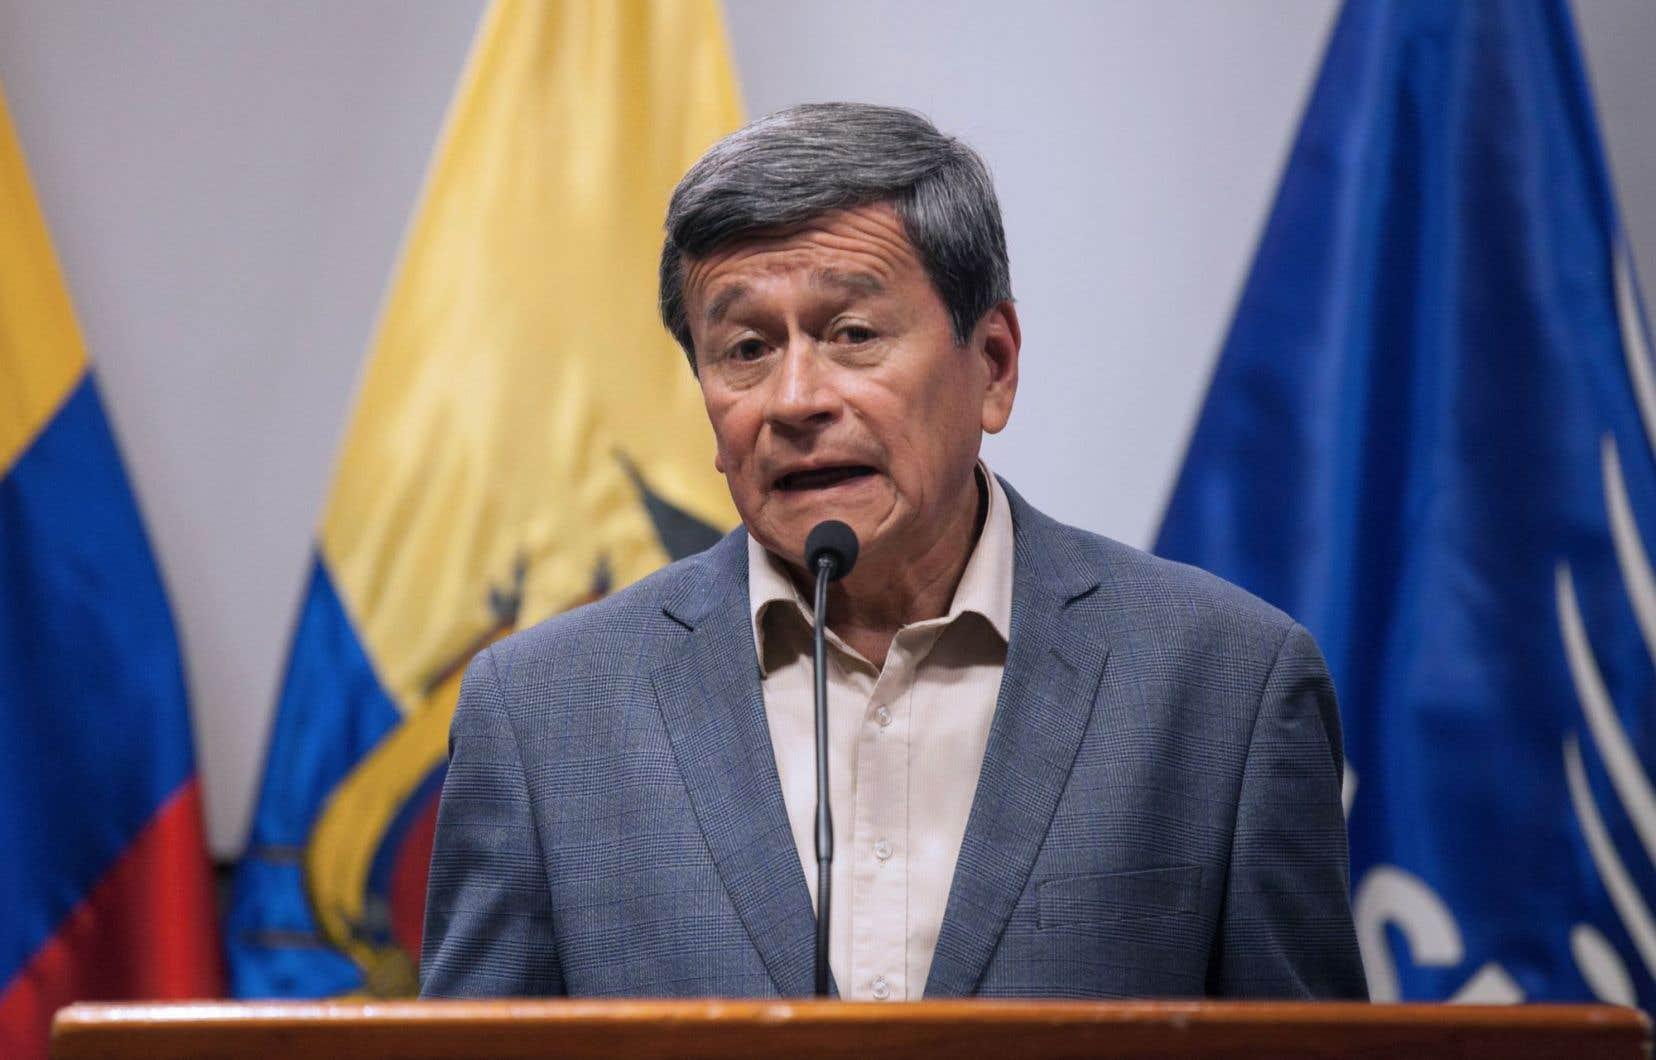 Le négociateur en chef de l'Armée de libération nationale, Pablo Beltrán